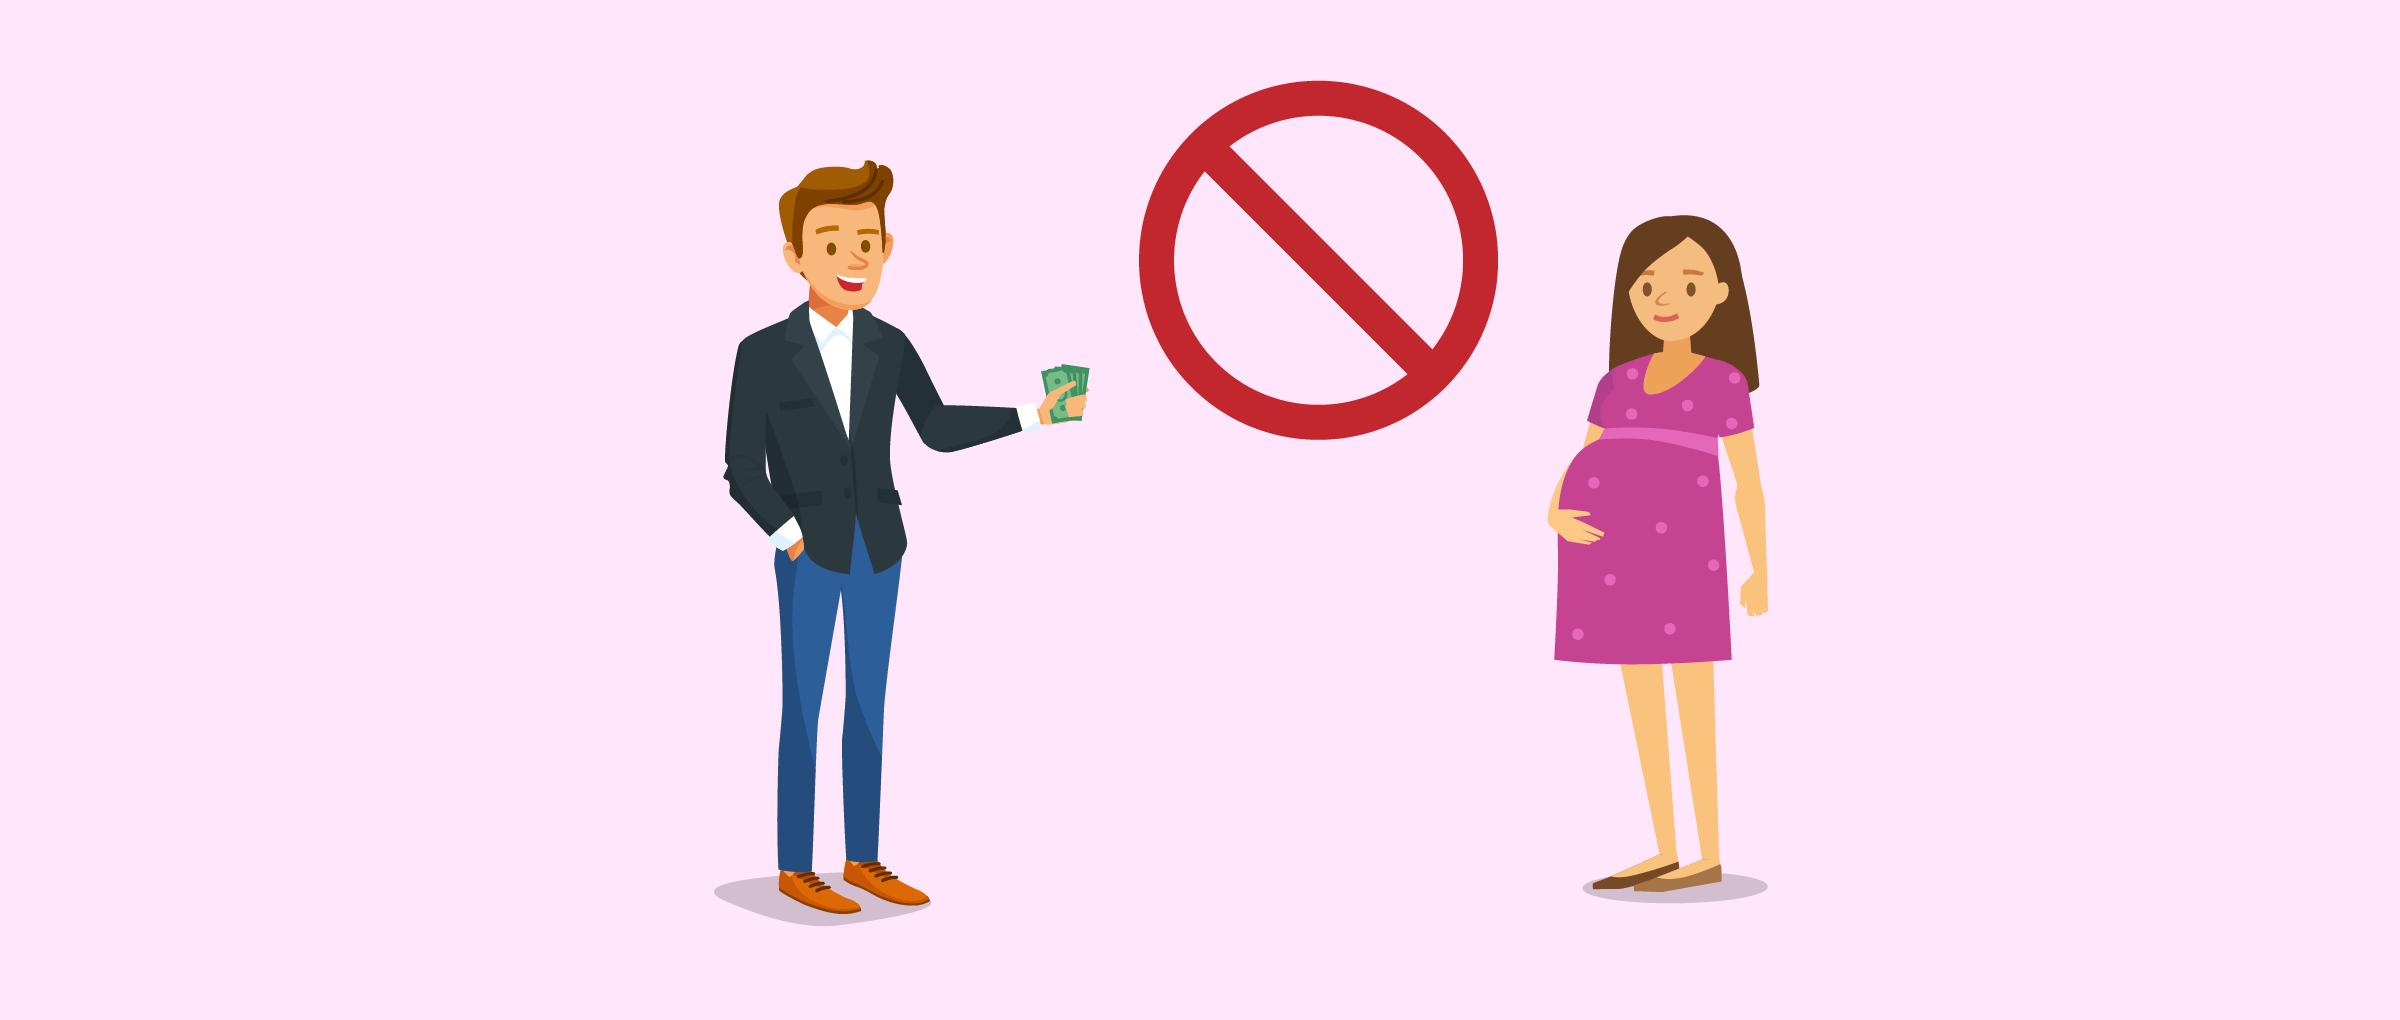 Die Bezahlung der Leihmutter ist verboten